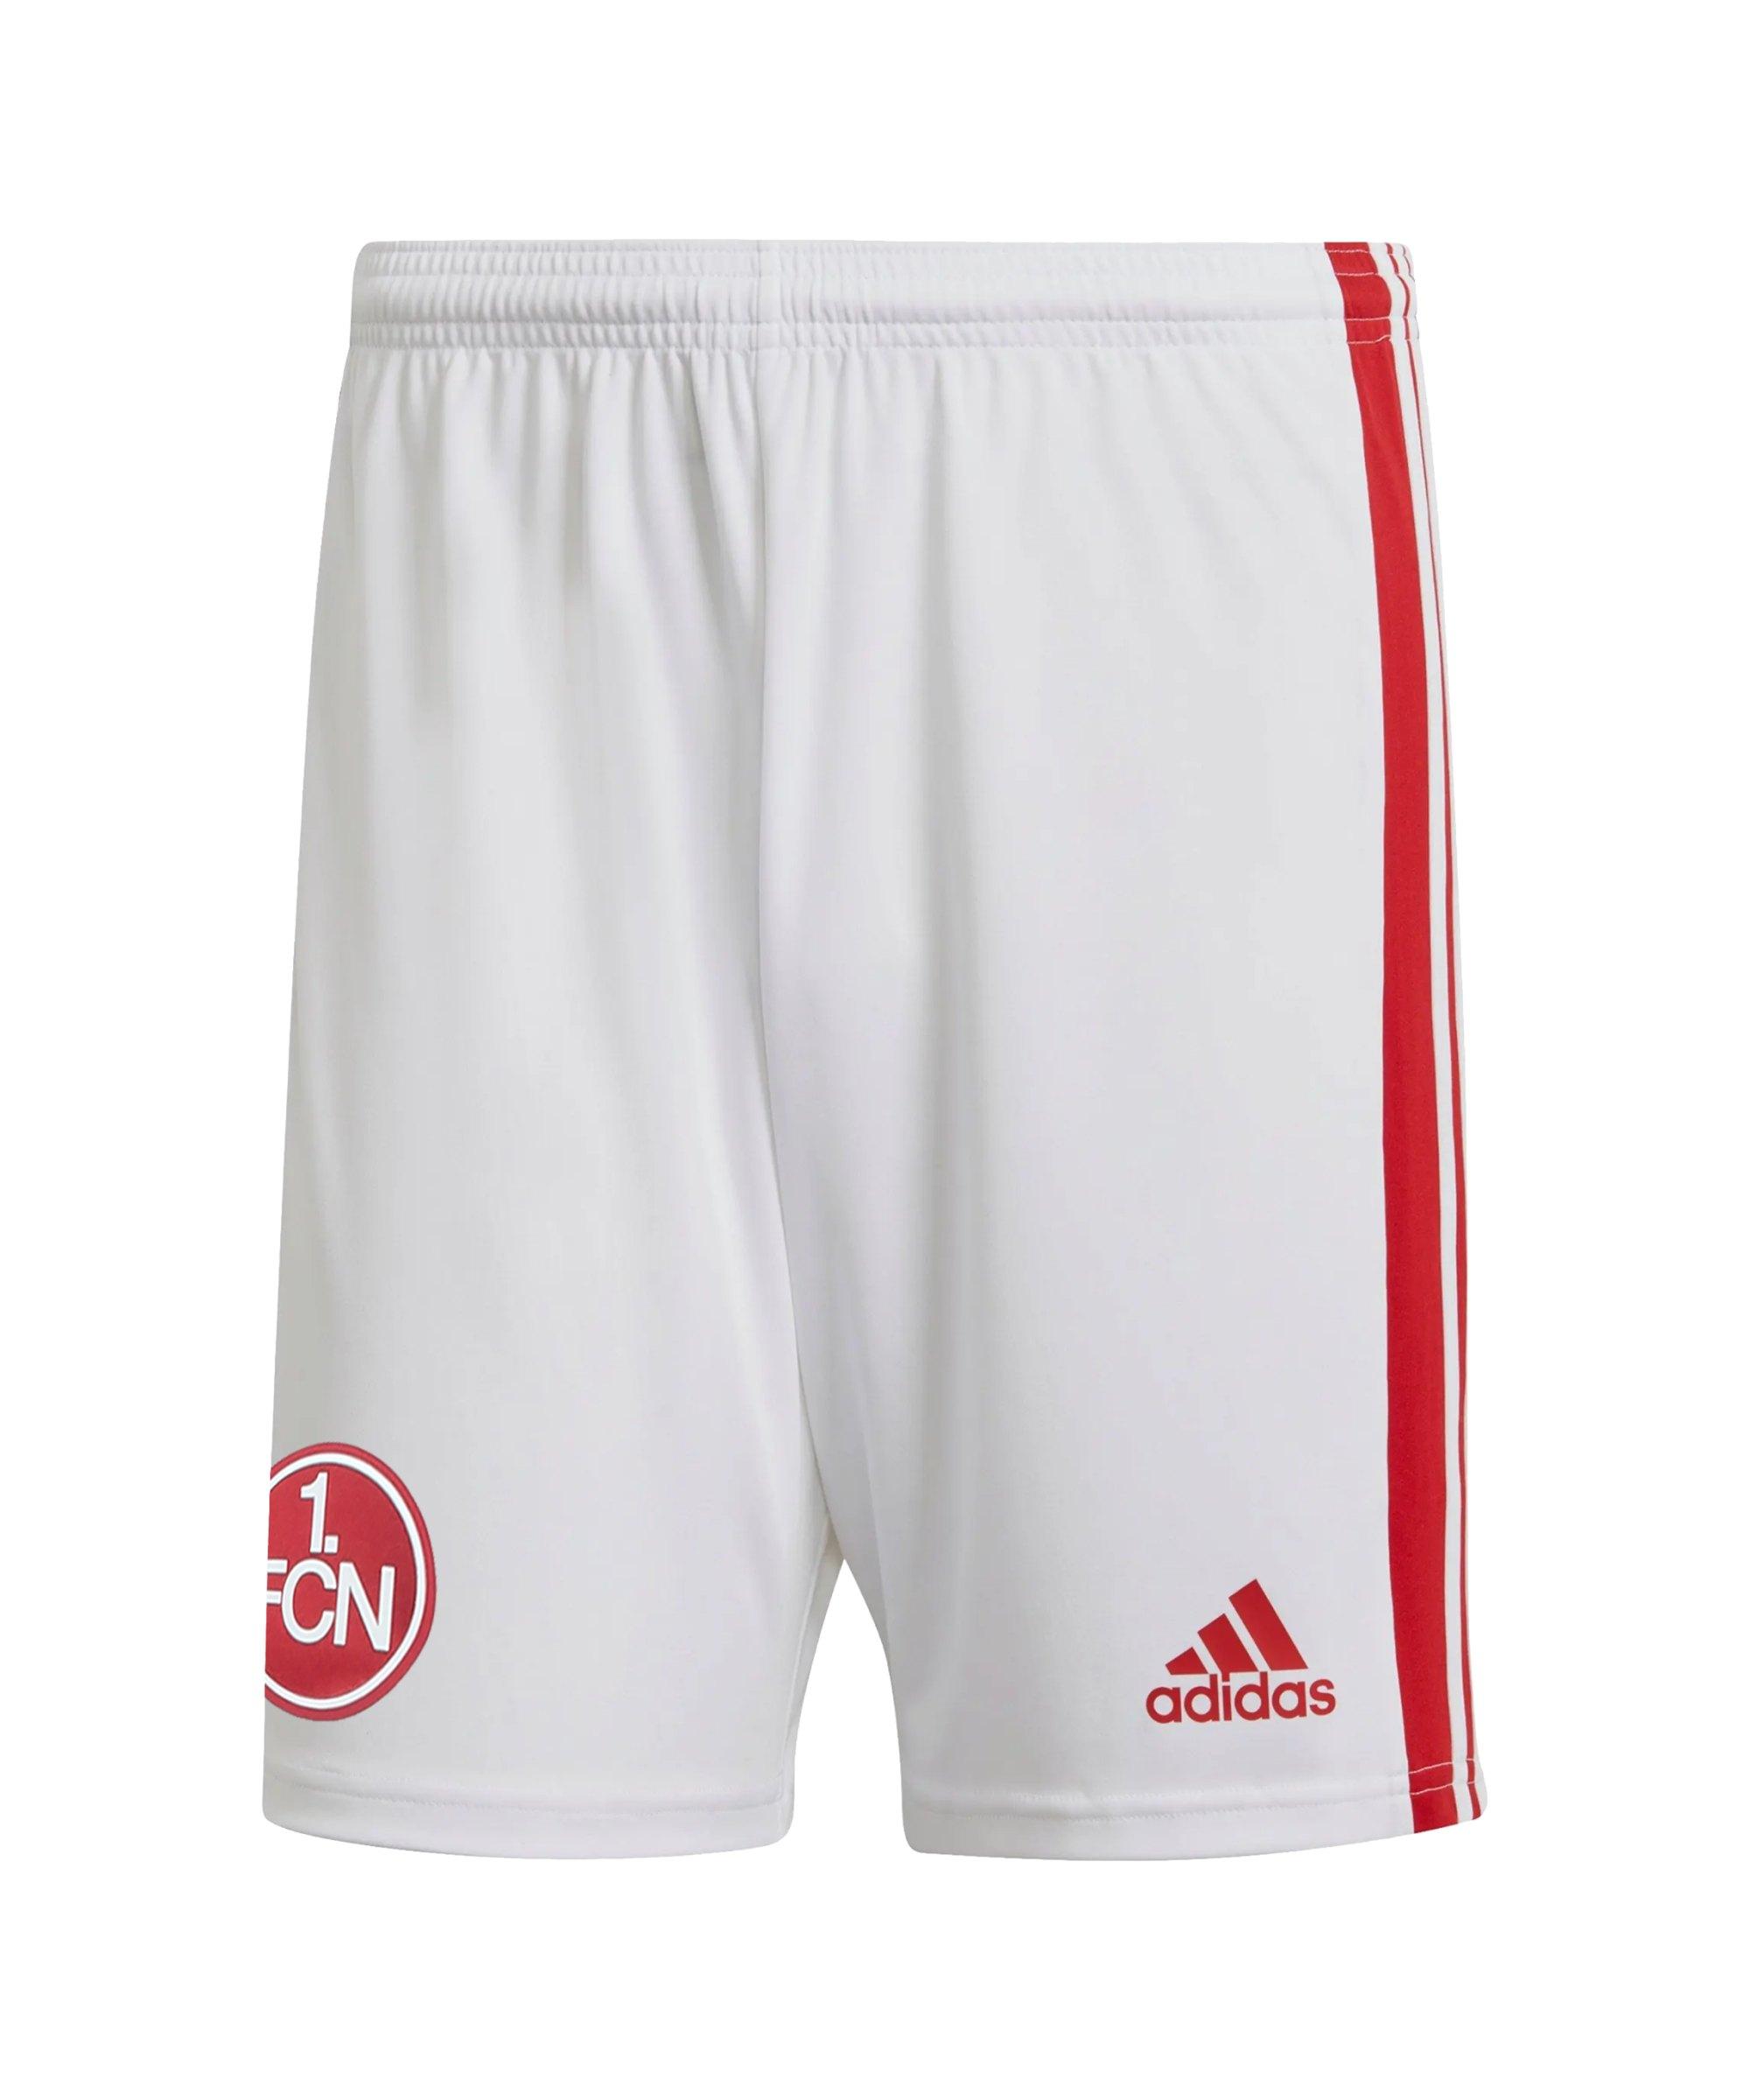 adidas 1. FC Nürnberg Short Away 21/22 Kids Weiss - weiss